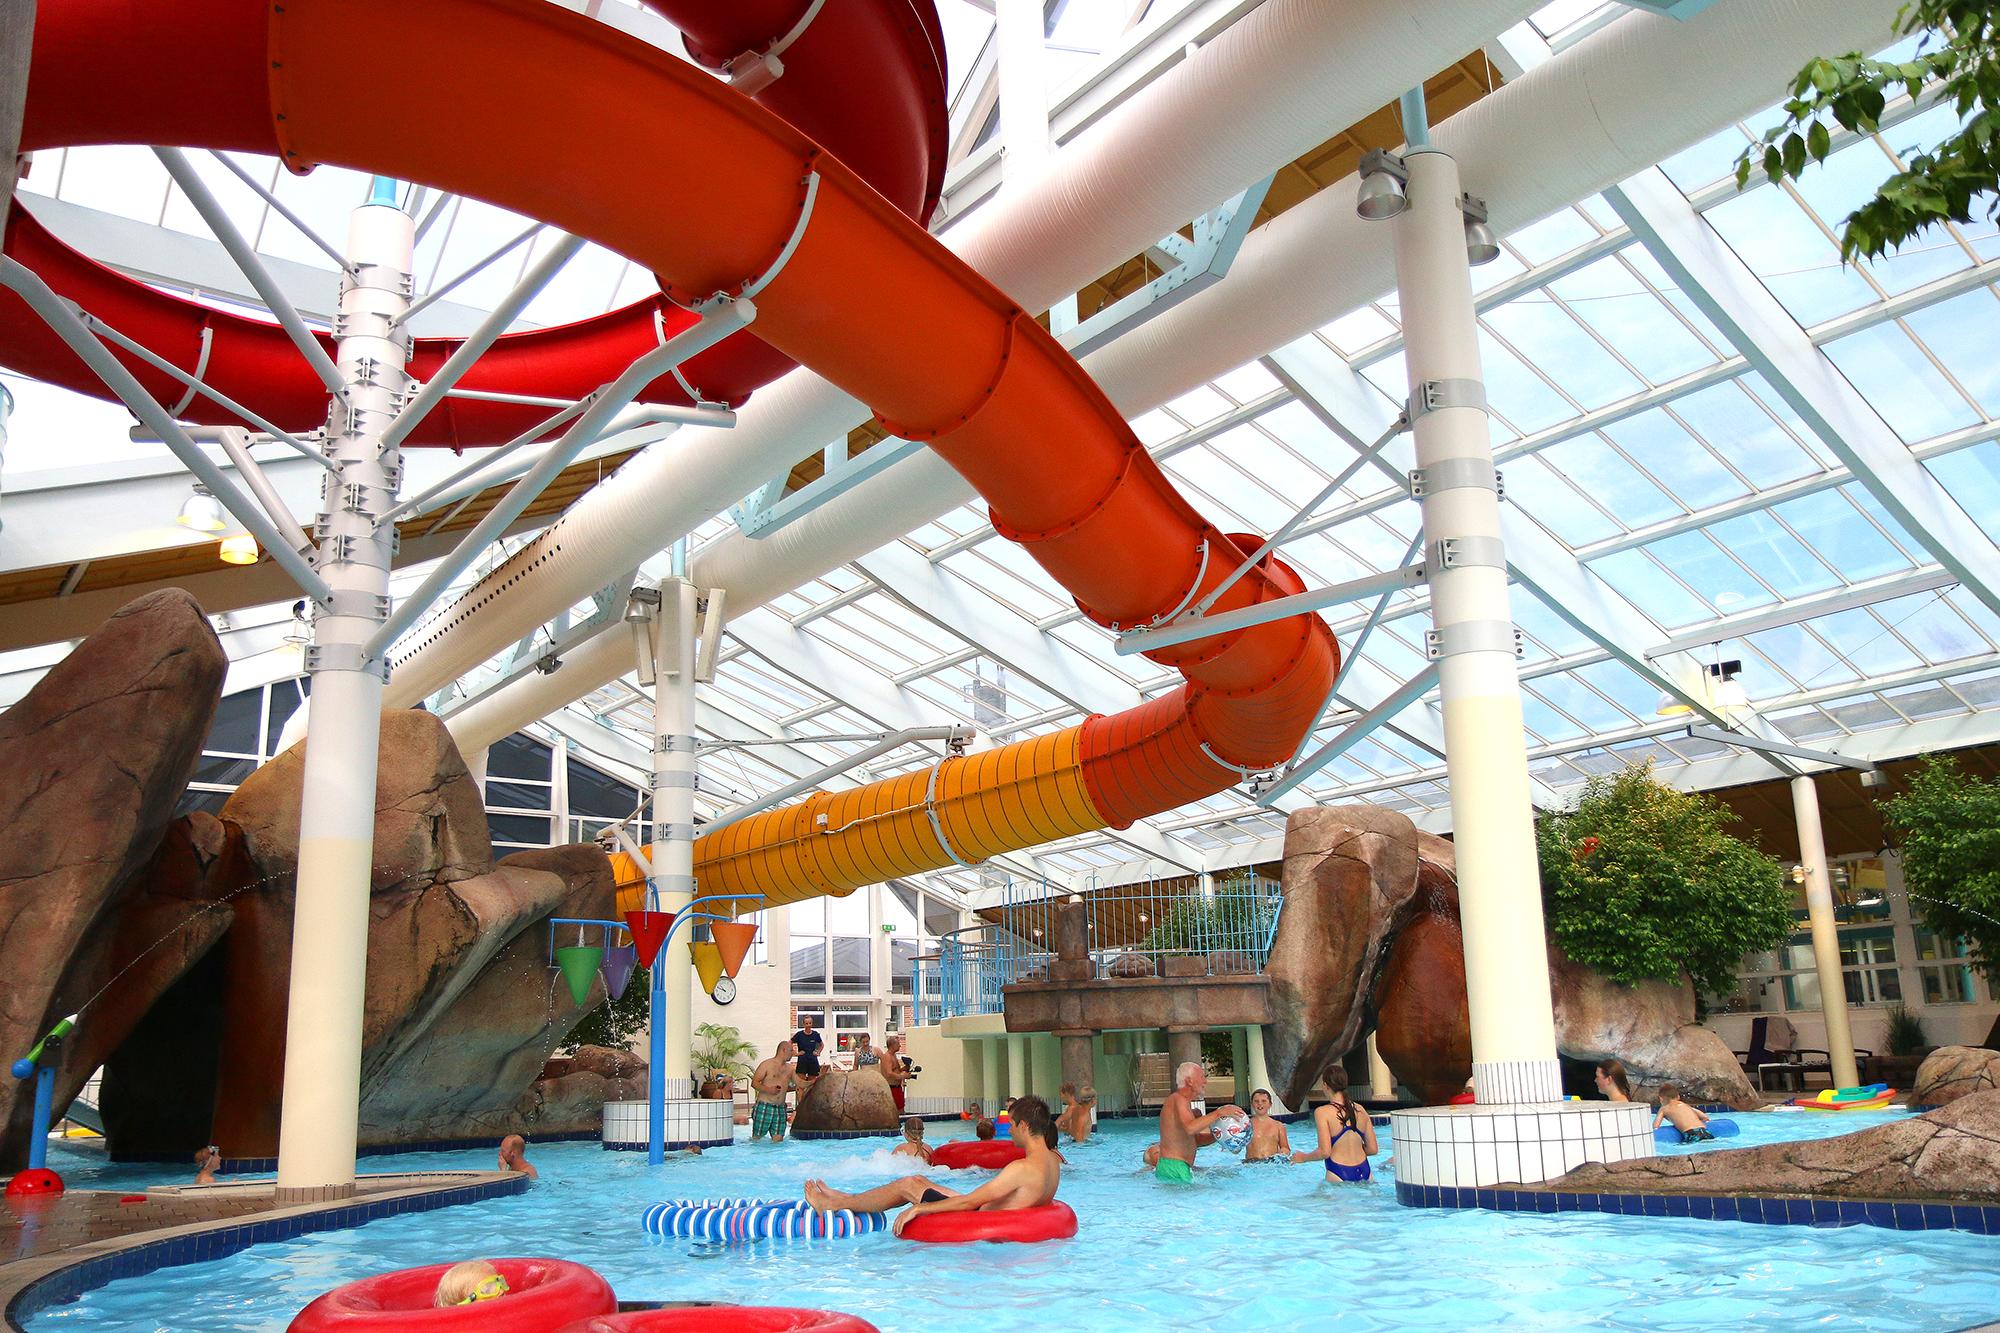 <strong>Alle elsker vann:</strong> På Skallerup Seaside Resort finner man et strøkent anlegg som inneholder en rekke bassenger, et flott vannland, lekeland, bowling, butikker, restauranter osv. Foto: Fjord Line